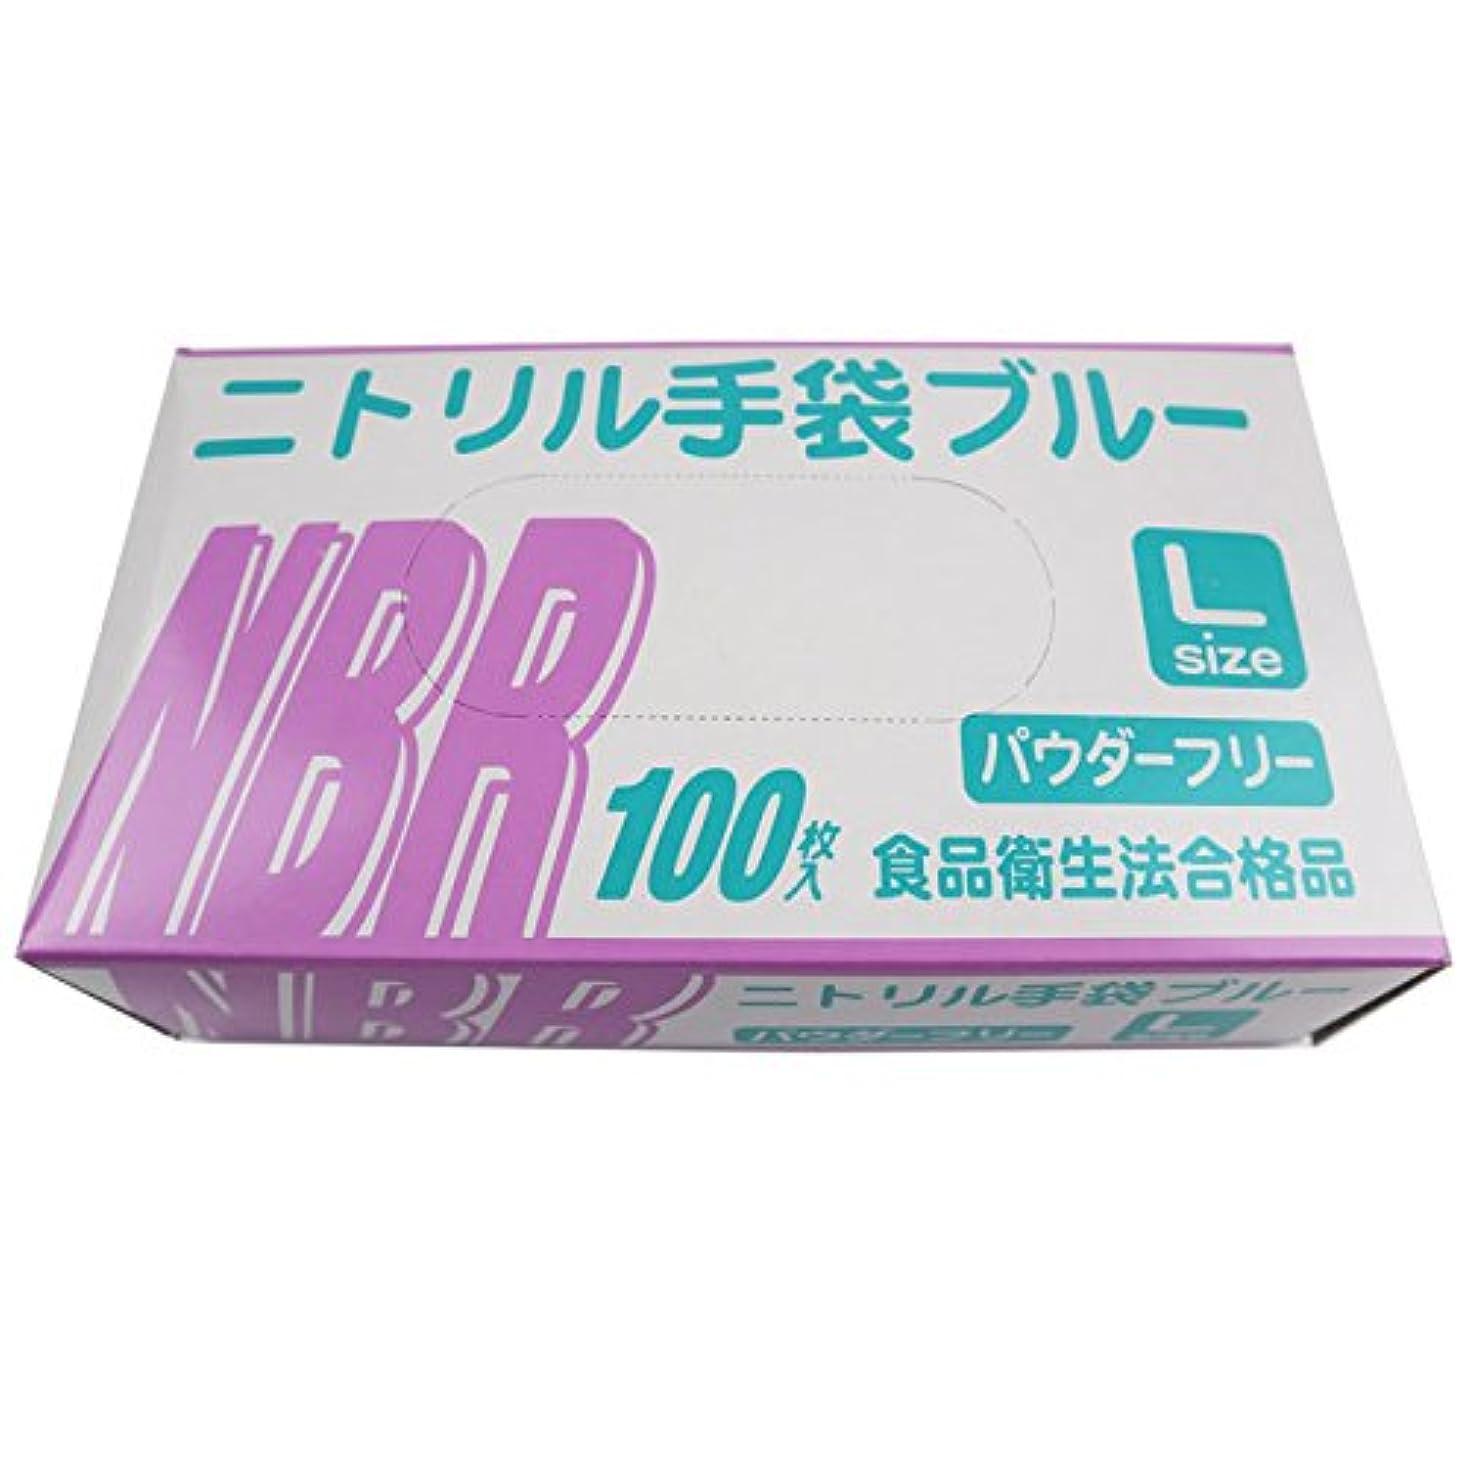 エンドウ実験章使い捨て手袋 ニトリル グローブ ブルー 食品衛生法合格品 粉なし 100枚入×20個セット Lサイズ